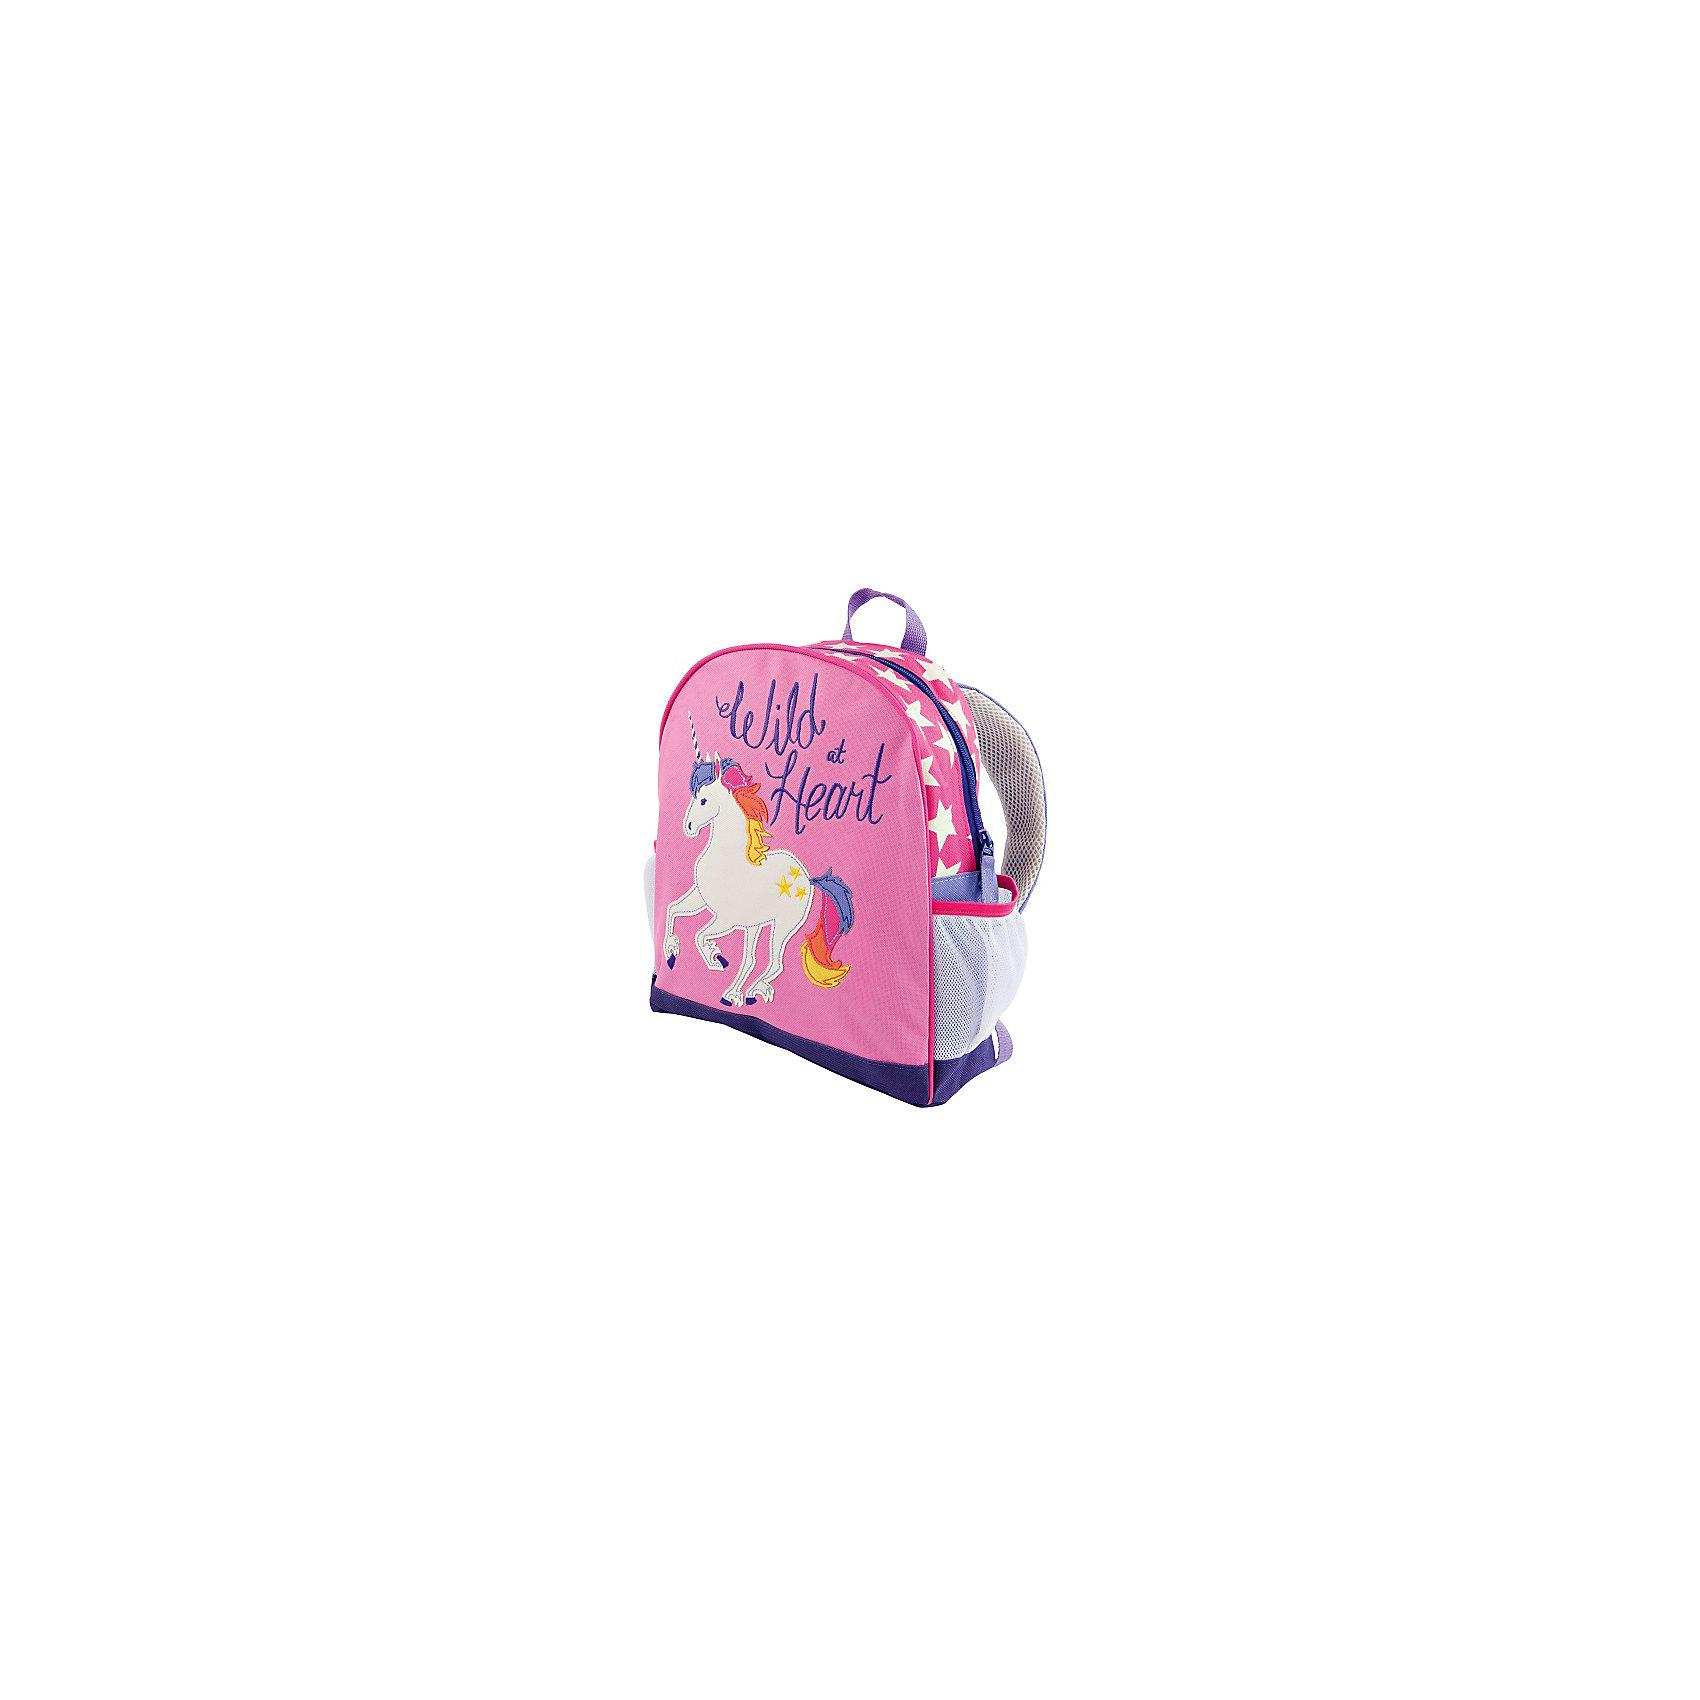 Рюкзак для девочки HatleyРюкзак Hatley<br><br>Характеристики:<br><br>• Состав: 100% полиэстер<br>• Цвет: розовый<br>• Размер (ШхГхВ): 25,5х9х30,5<br><br>Красивый и стильный рюкзак с нашивкой в виде пони не оставит равнодушным ни одну принцессу. Кроме модного дизайна рюкзак очень вместительный. Основное отделение закрывается на молнию с бегунками с двух сторон. Рюкзак очень легкий, поэтому ребенок сможет носить в нем большое количество вещей. Ручки мягкие и регулируются по росту и размеру ребенка. Сбоку есть кармашки для бутылки с водой или других предметов.<br><br>Рюкзак Hatley можно купить в нашем интернет-магазине.<br><br>Ширина мм: 227<br>Глубина мм: 11<br>Высота мм: 226<br>Вес г: 350<br>Цвет: разноцветный<br>Возраст от месяцев: 24<br>Возраст до месяцев: 144<br>Пол: Женский<br>Возраст: Детский<br>Размер: one size<br>SKU: 5020970